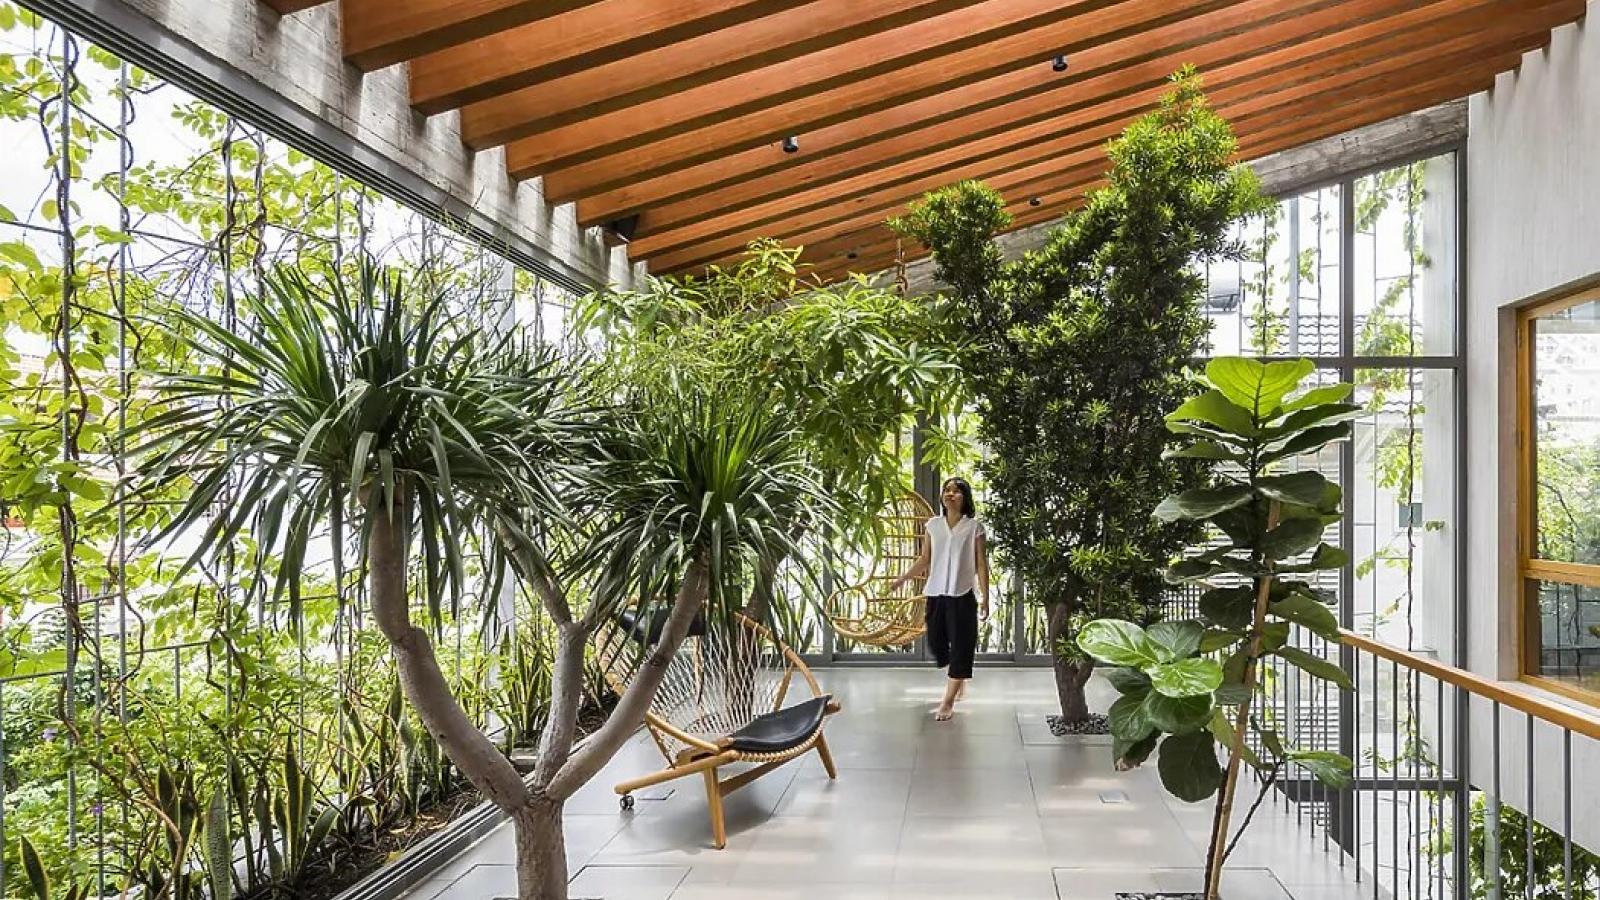 Ngôi nhà tựa như công viên với nhiều cây xanh